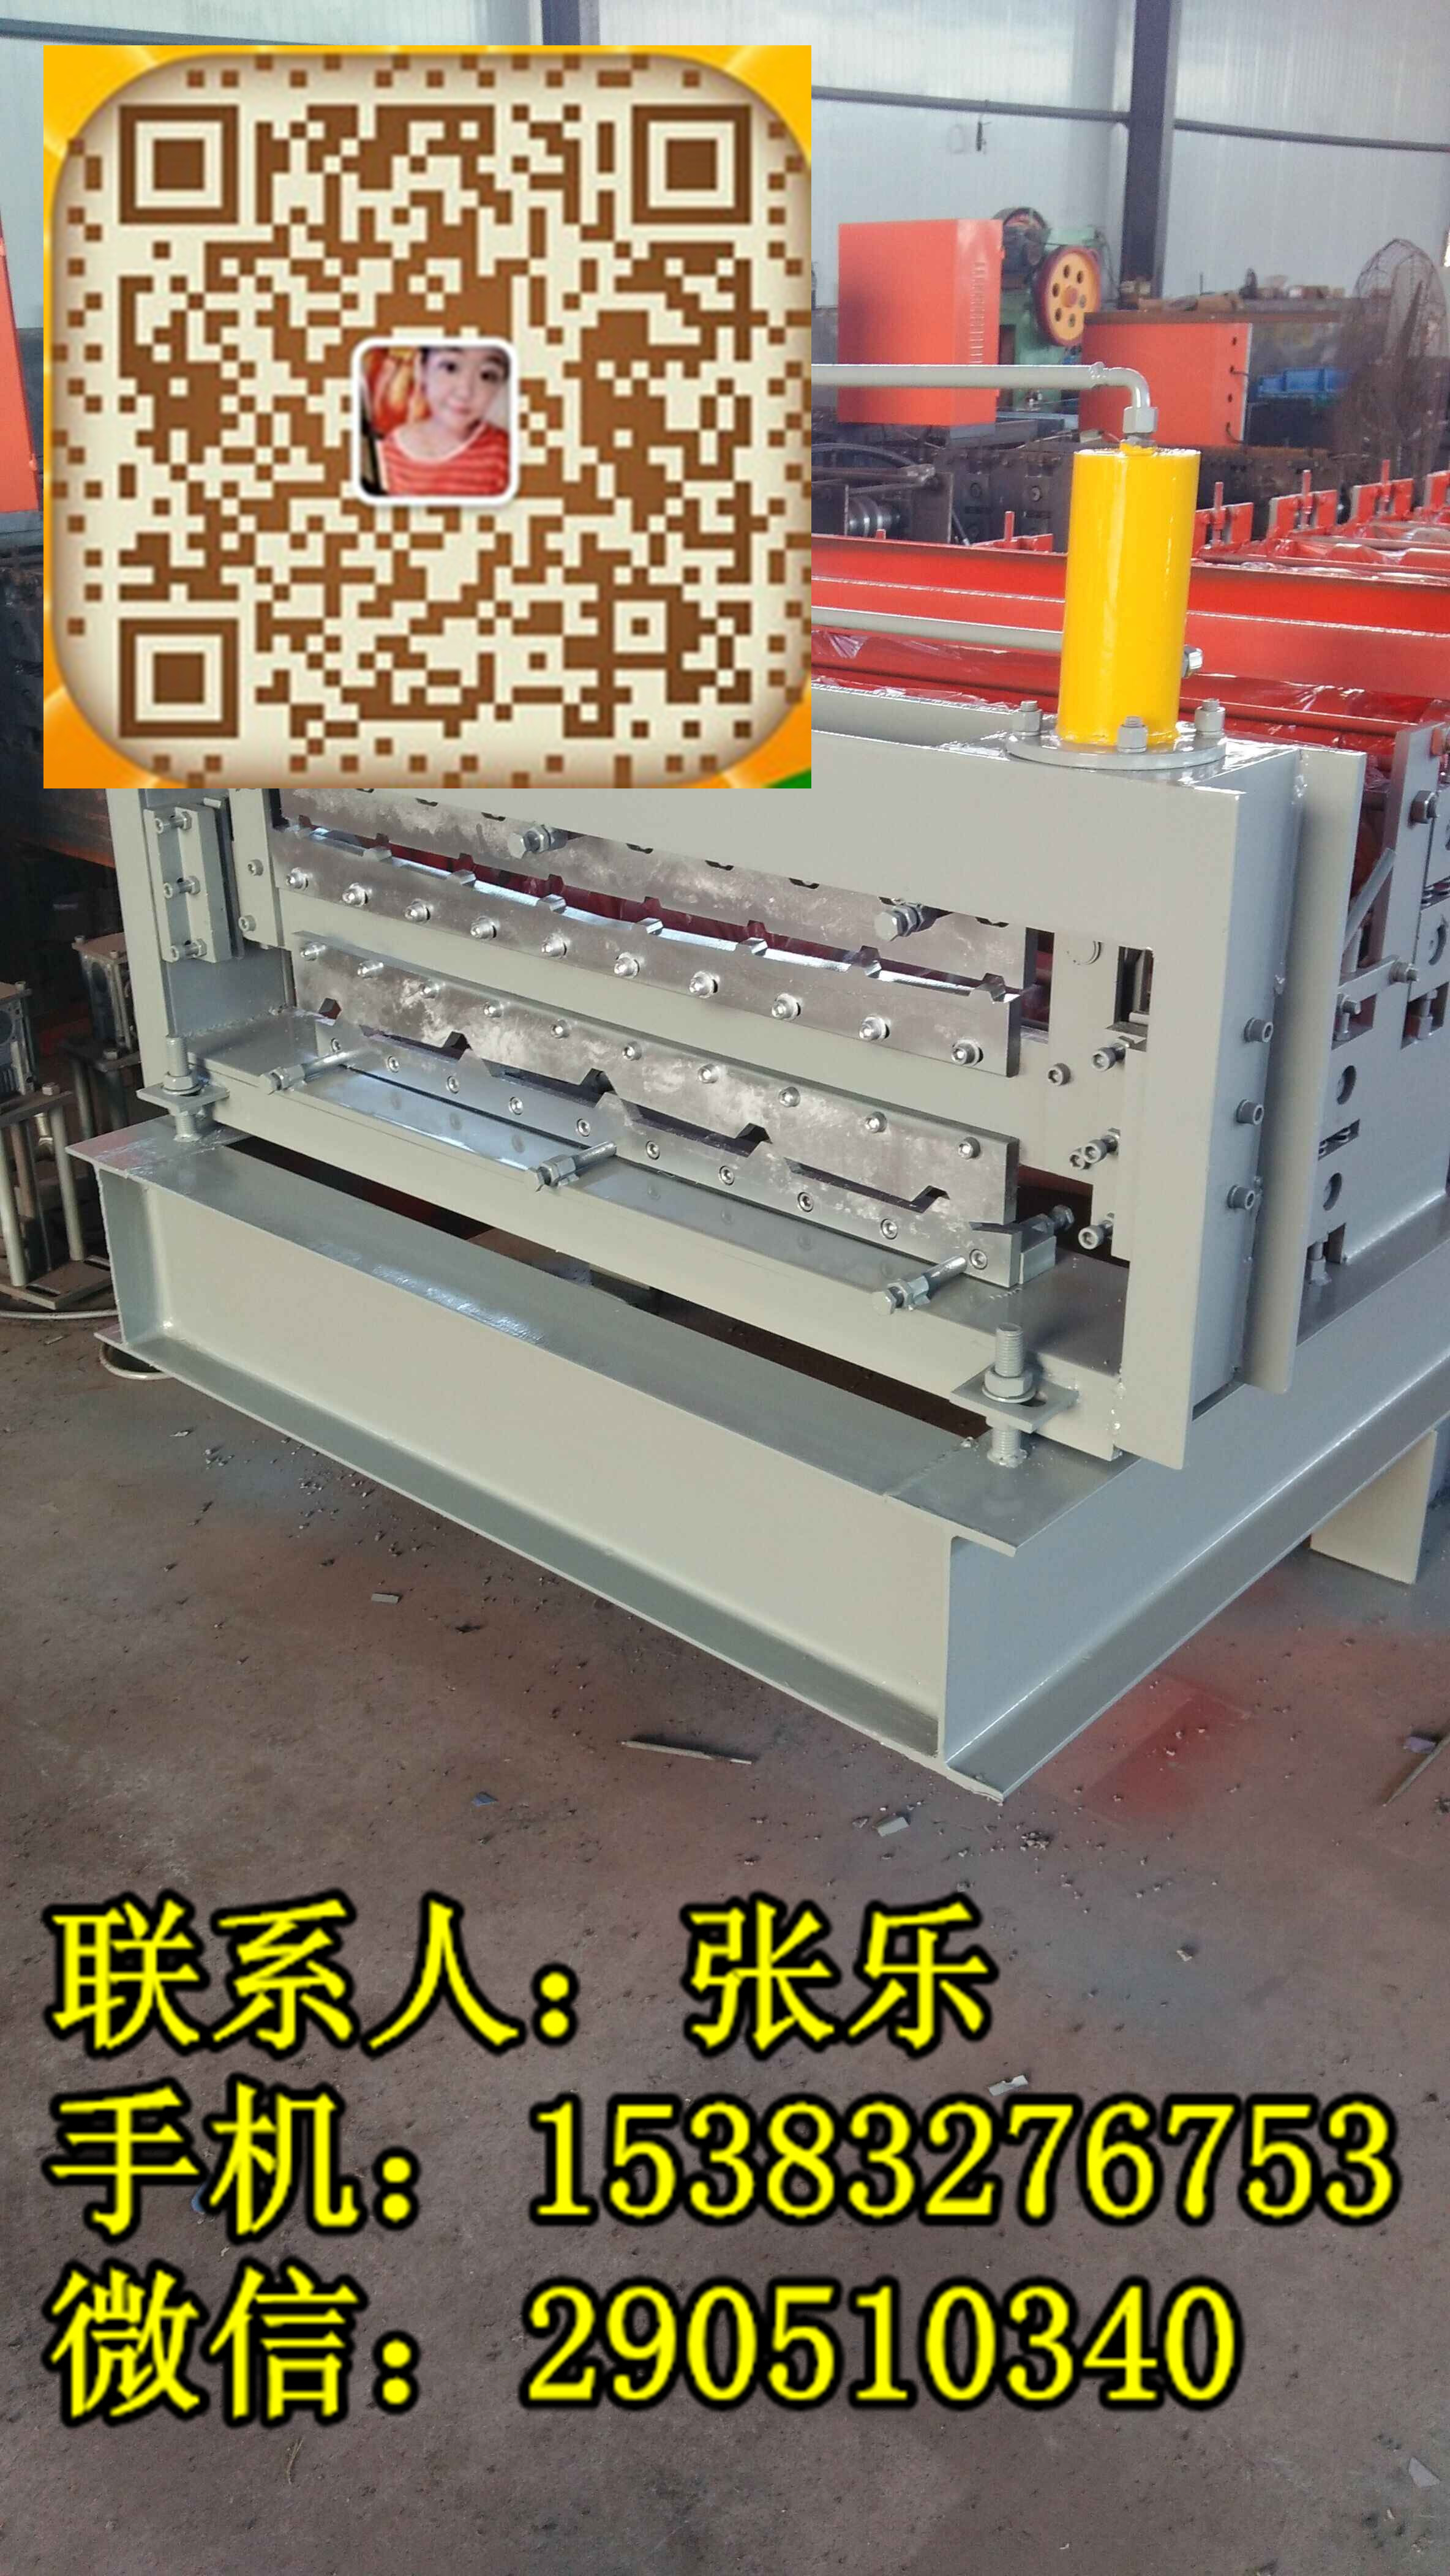 河北承德840-910双层压瓦机-彩钢行业销量领先